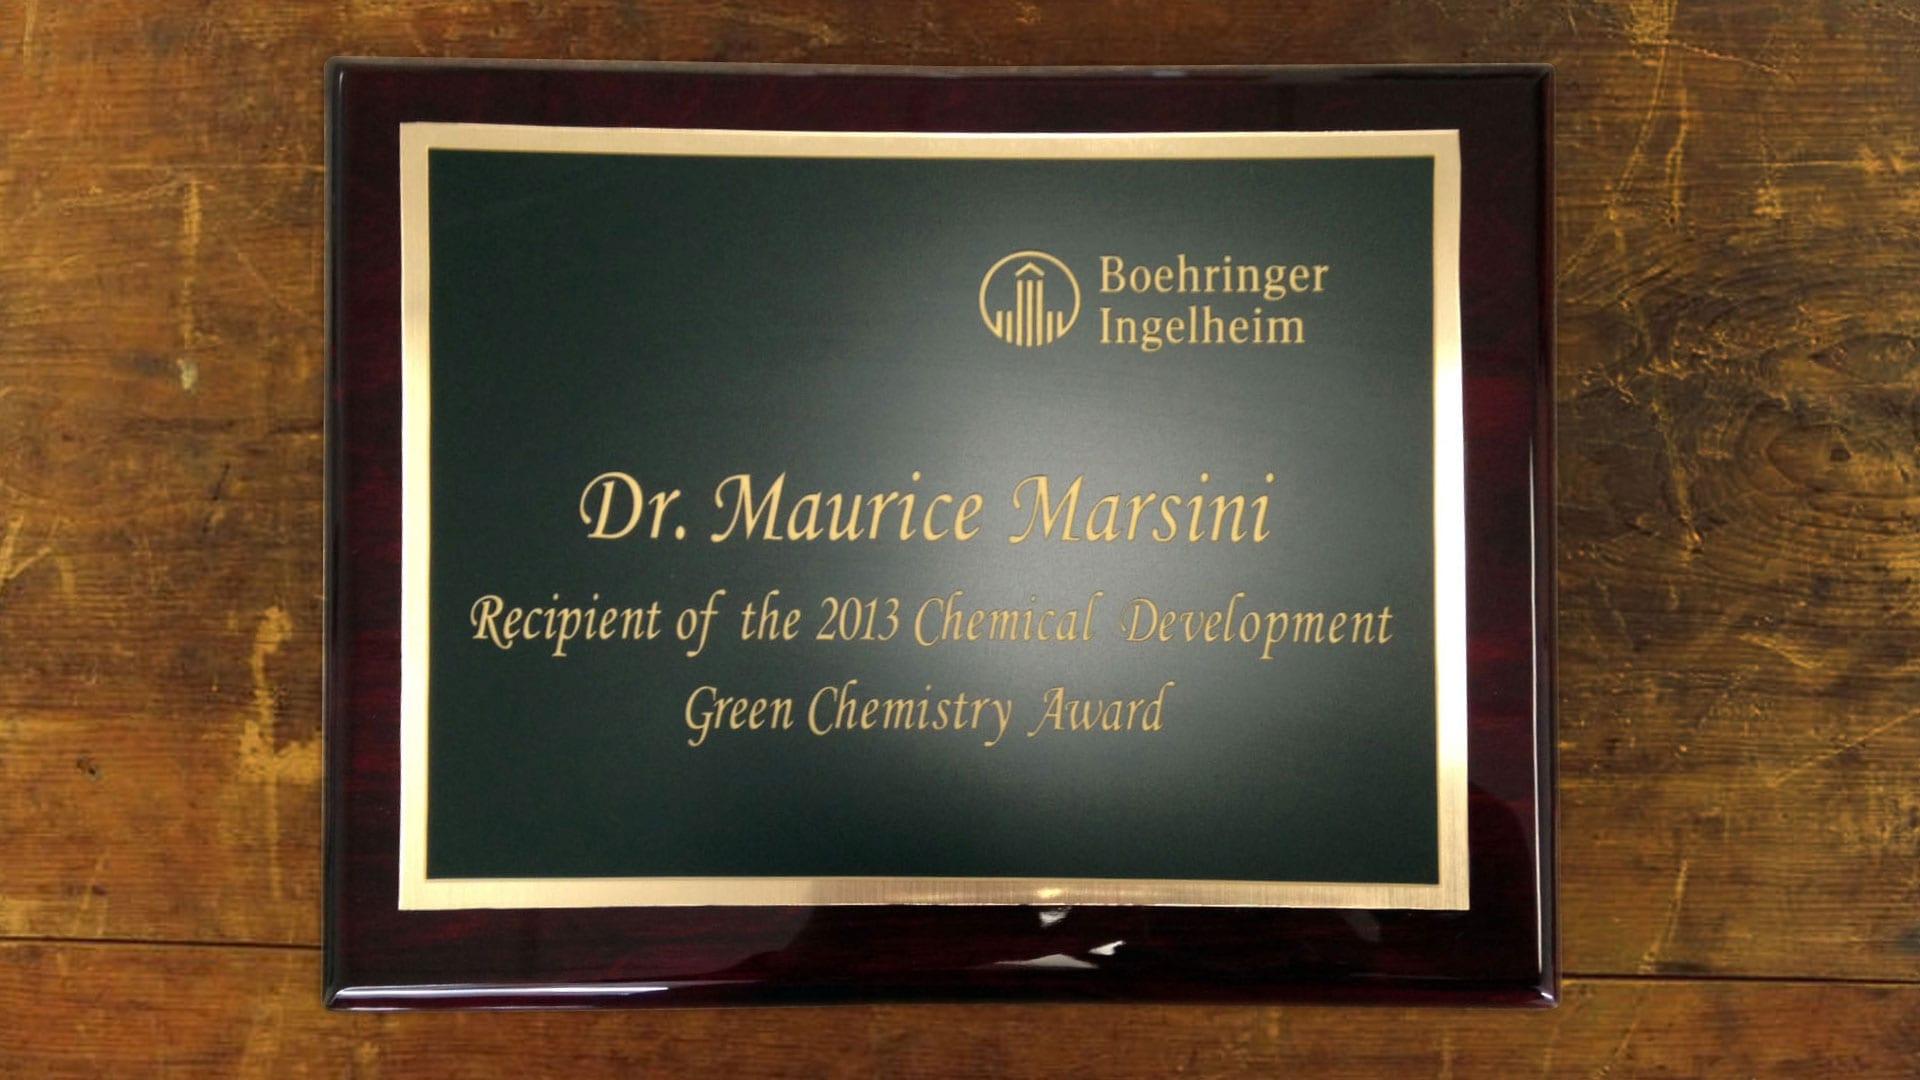 Plaque made by Signarama for Boehringer Ingelheim award